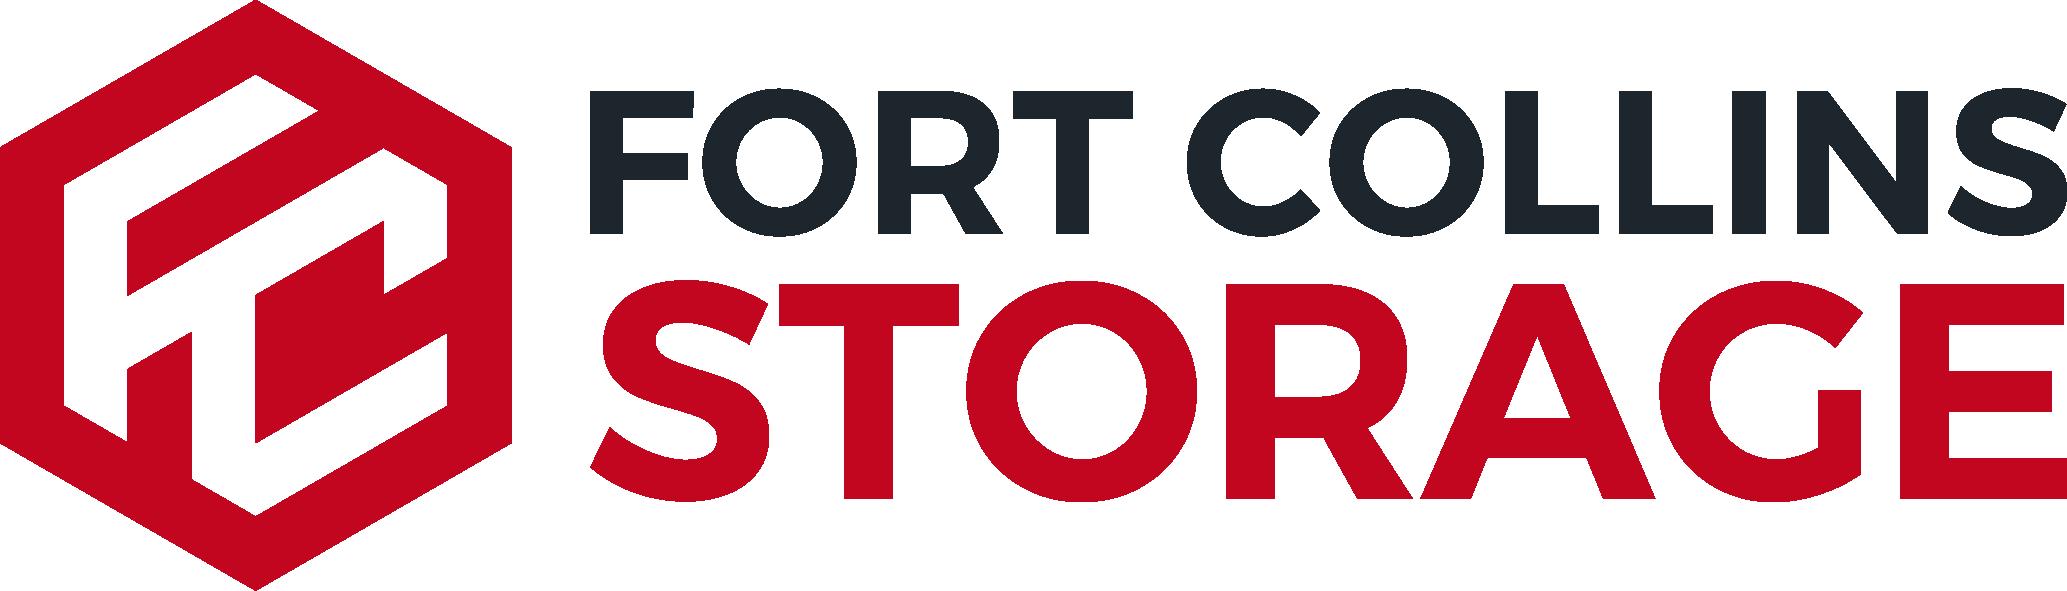 Fort Collins Storage